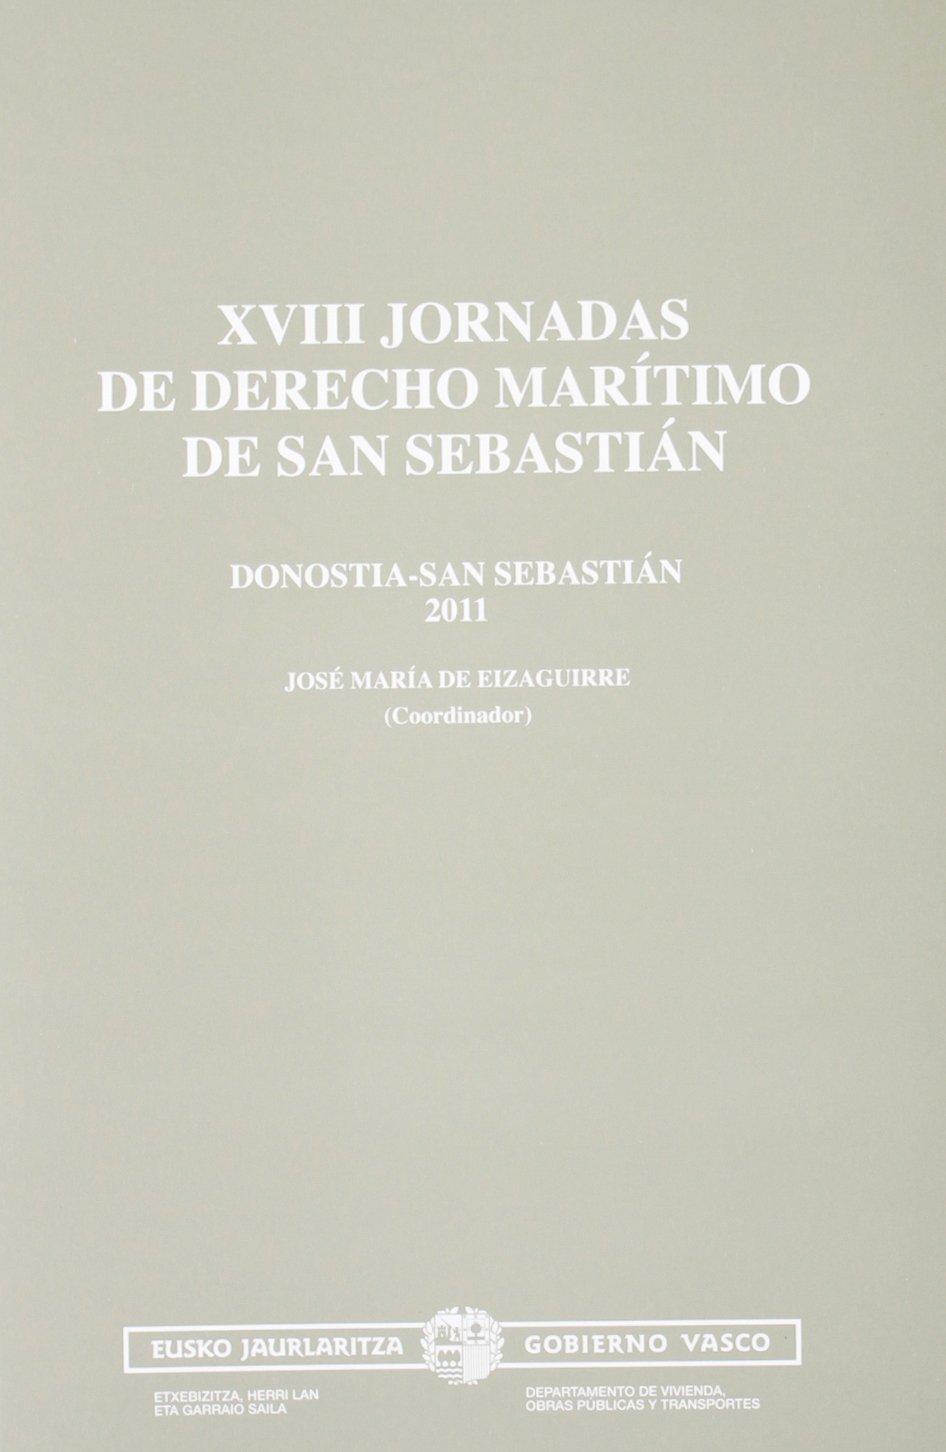 XVIII jornadas de derecho maritimo de san sebastian (Garraio Eta Herrilan Saila)